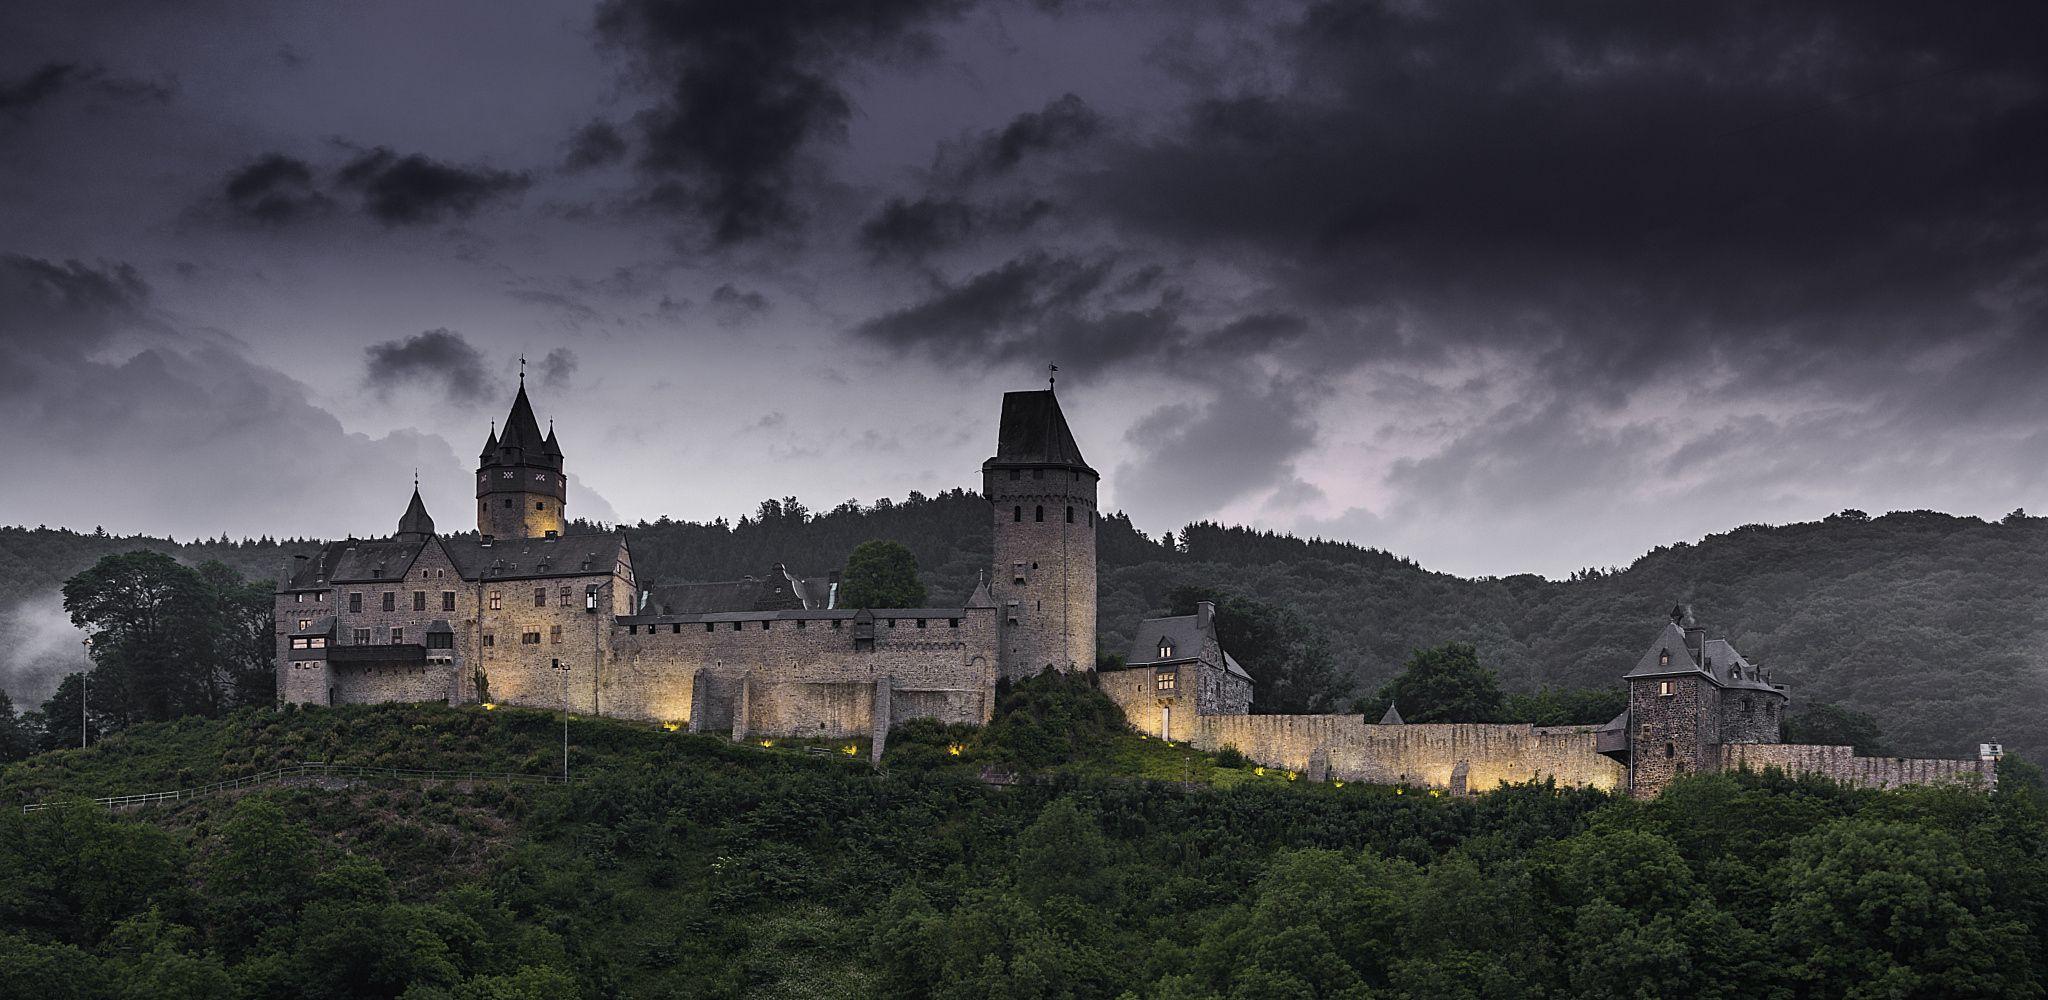 castle by Michael Barkowski on 500px